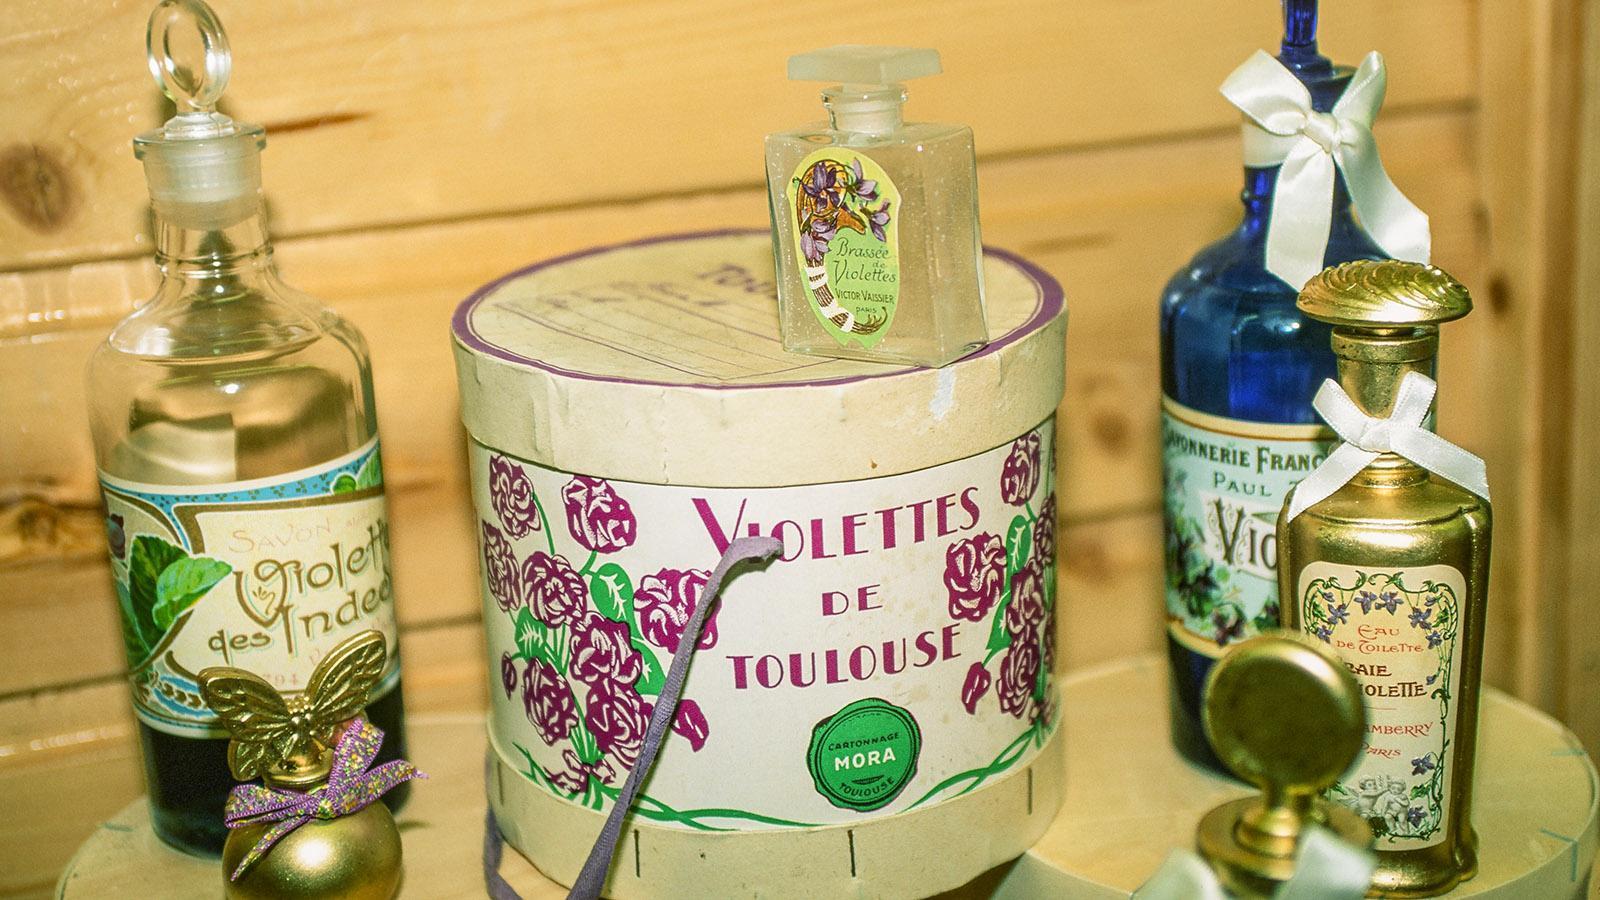 Veilchen-Produkte der Maison de la Violette. Foto: Hilke Maunder